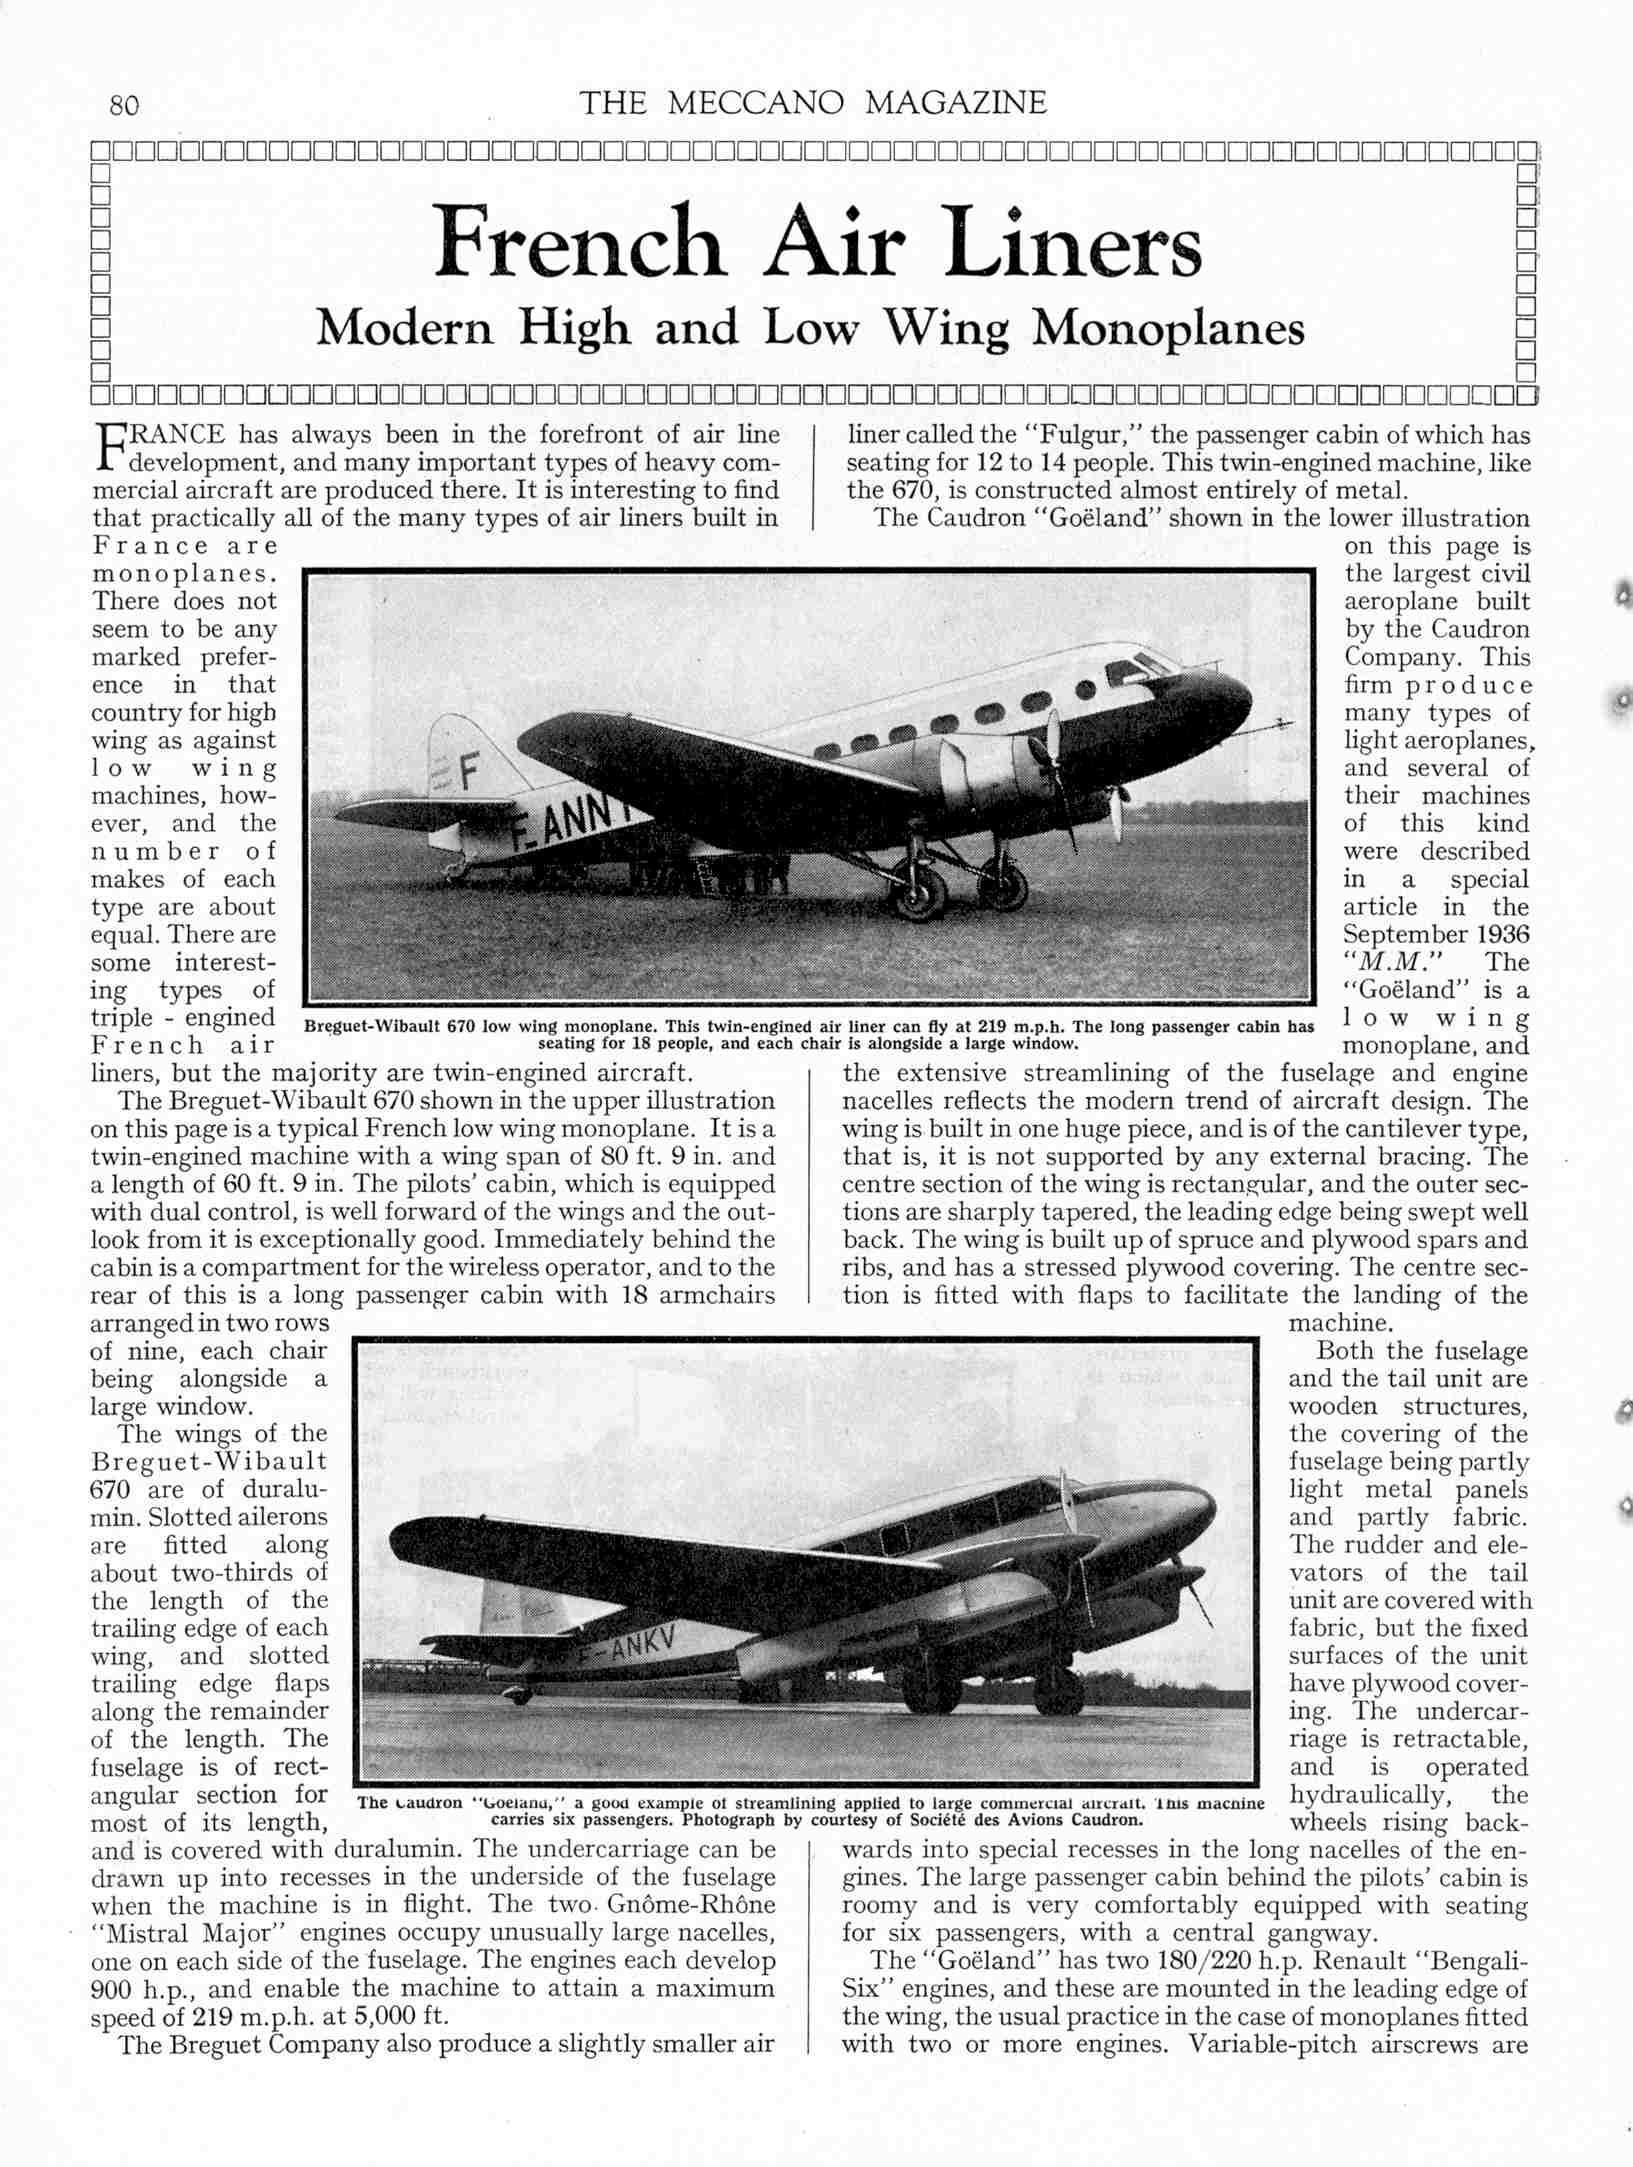 UK Meccano Magazine February 1937 Page 80